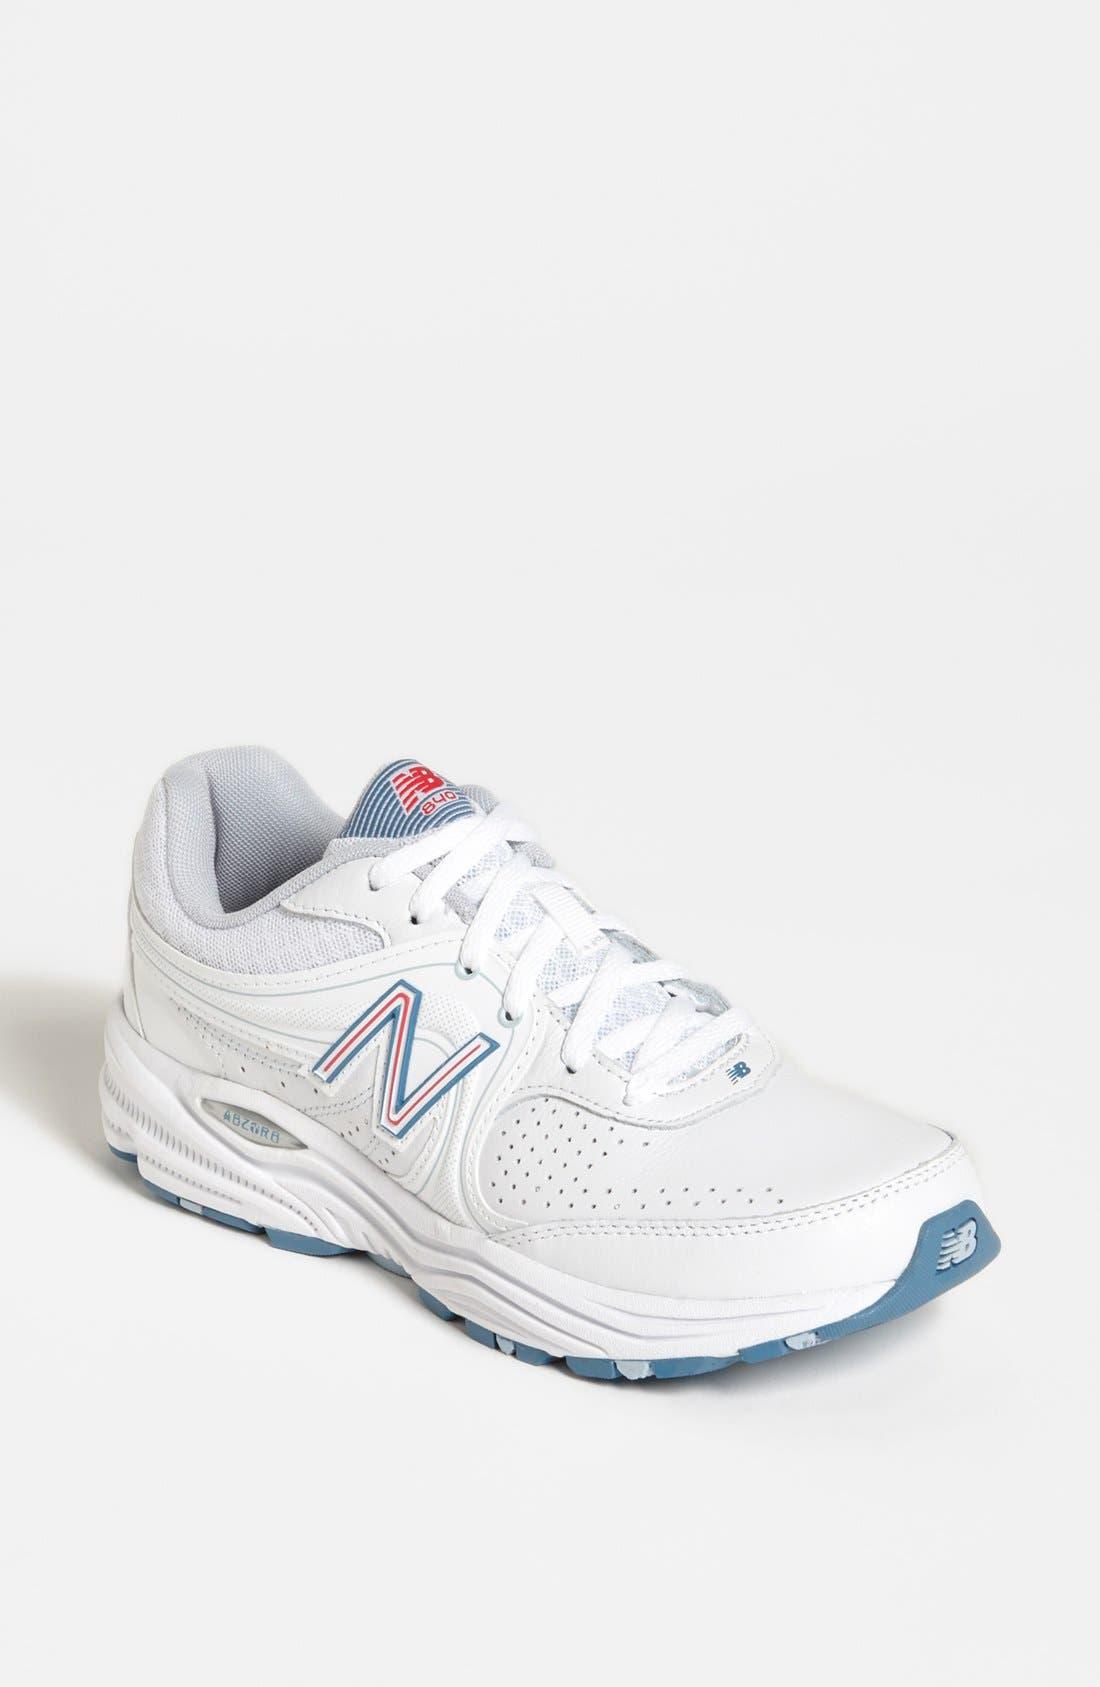 Main Image - New Balance '840' Walking Shoe (Women) (Regular Retail Price: $99.95)